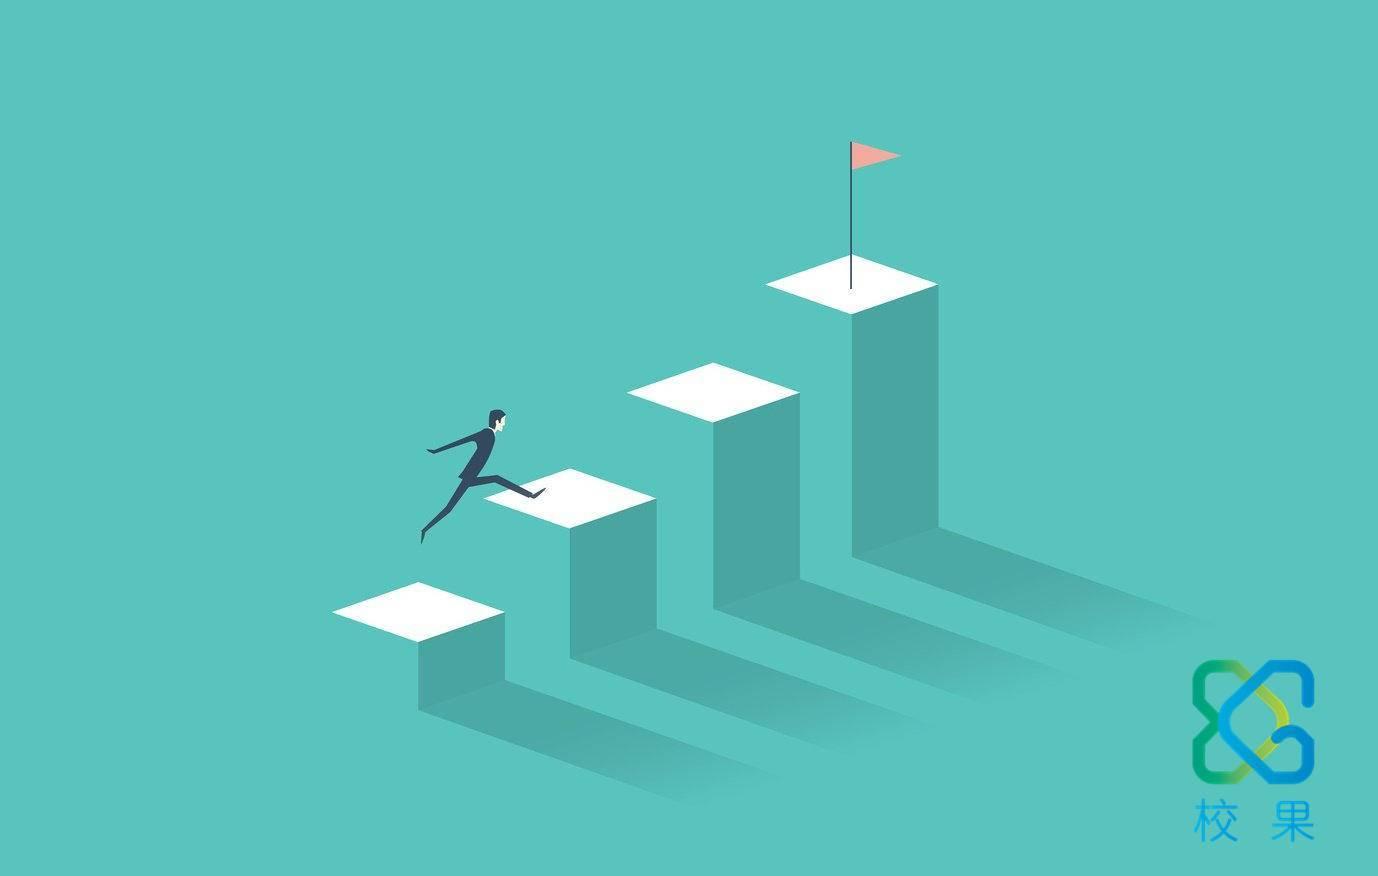 企业校园营销期间如何高效地进行内容营销呢